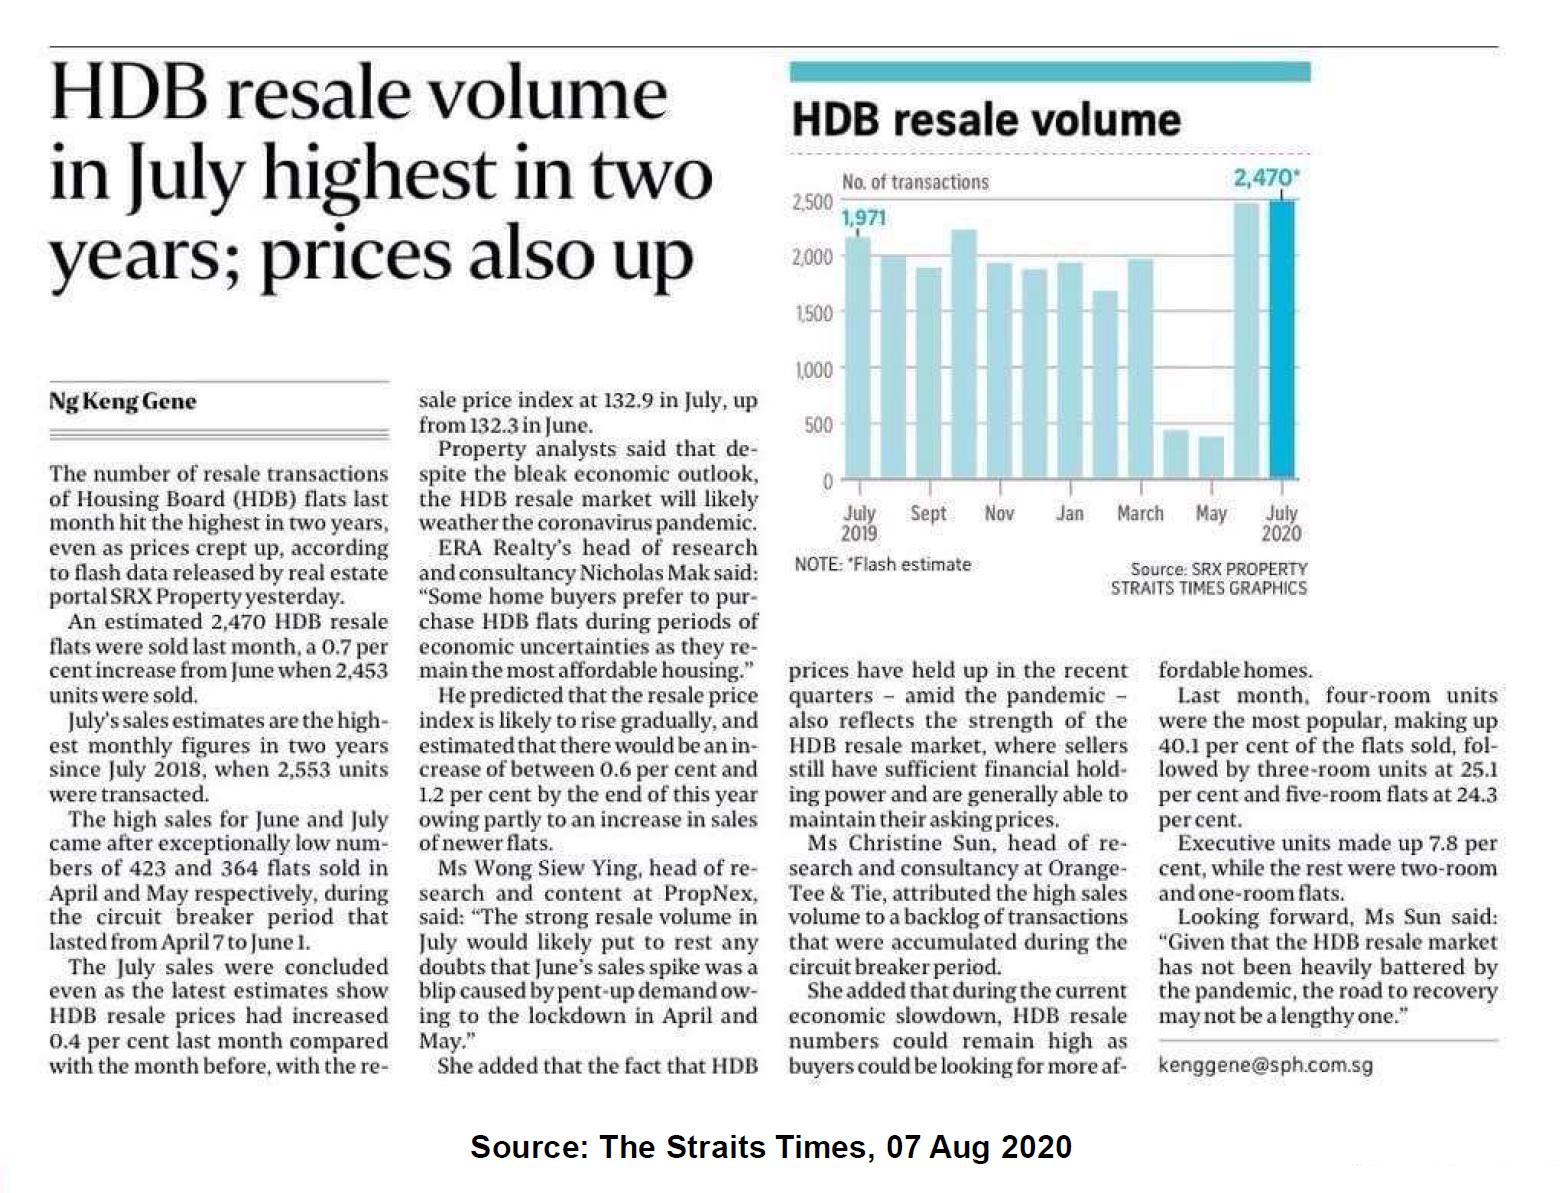 HDB Resale Volume has rebound